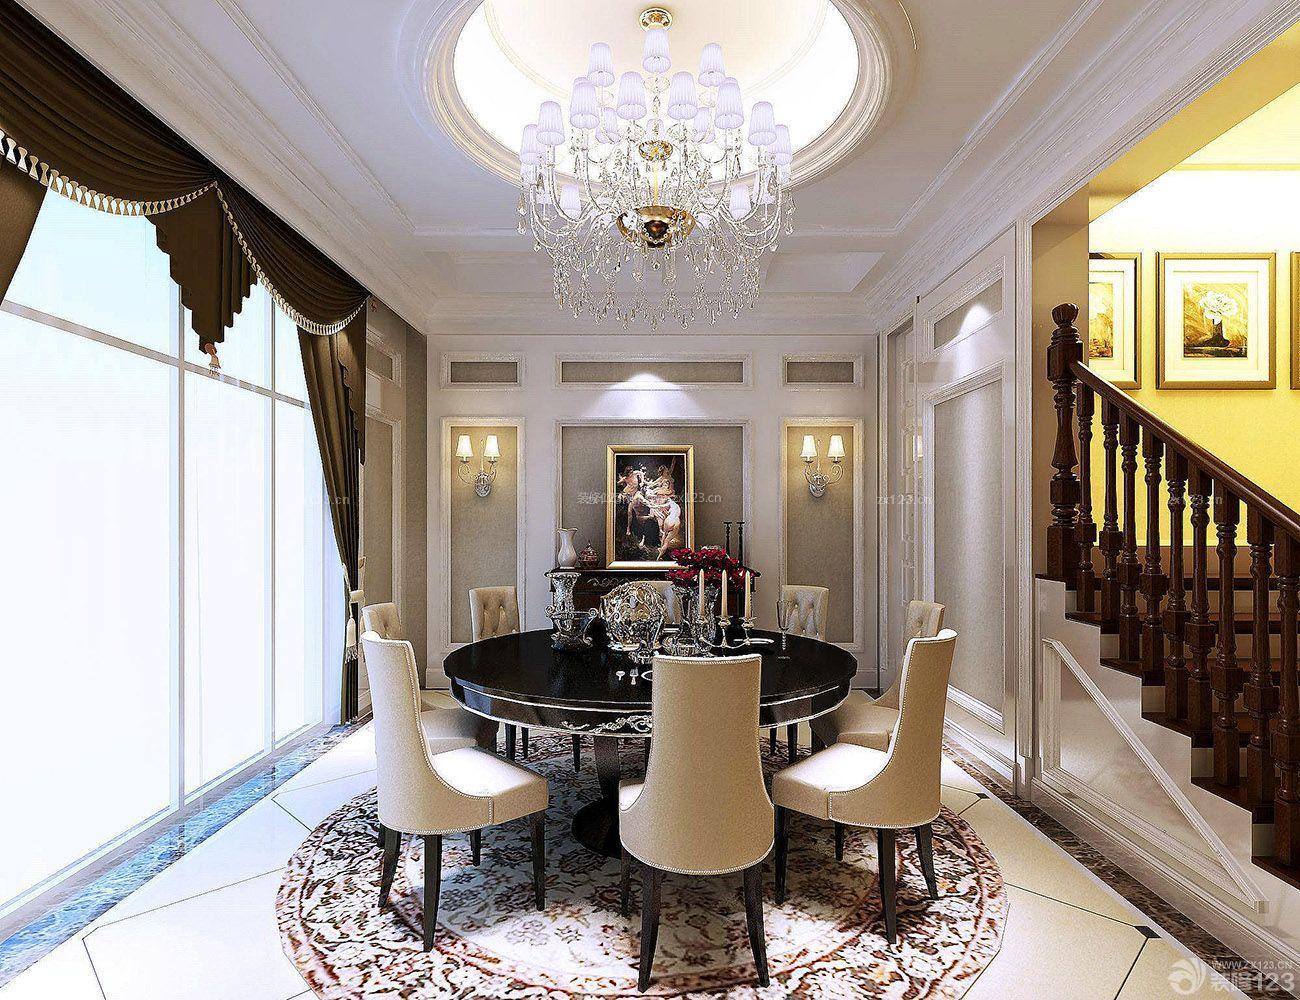 欧式风格跃层式别墅住宅餐厅装修效果图